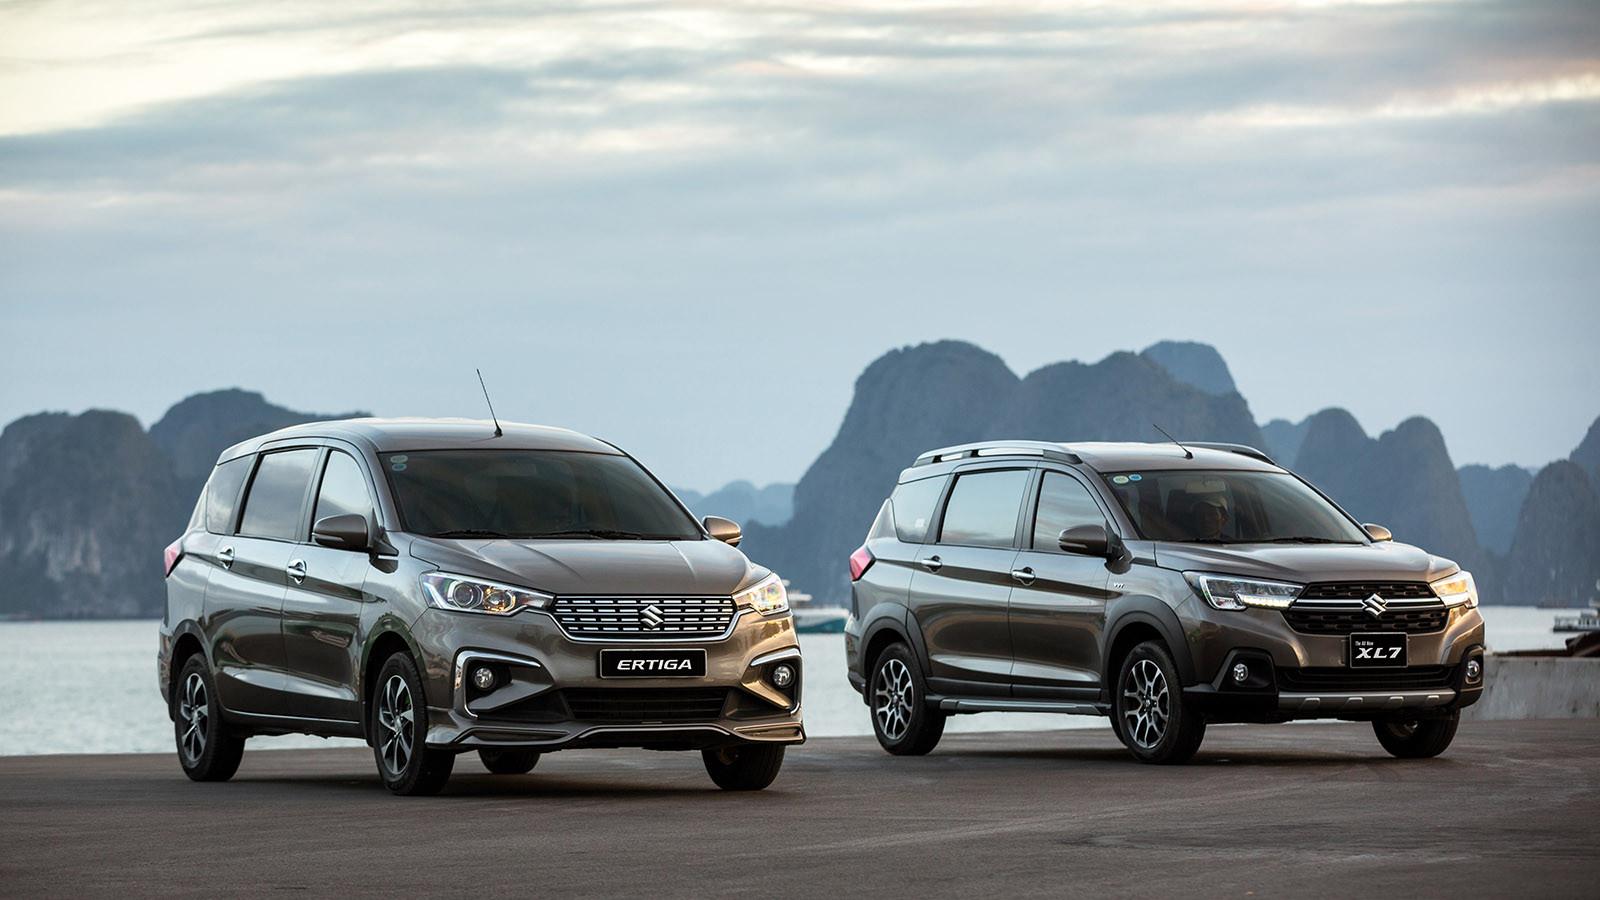 Việc tập trung vào những mẫu ô tô du lịch thực dụng mang ngoại hình hút mắt được xem là chìa khóa cho thành công cho Suzuki